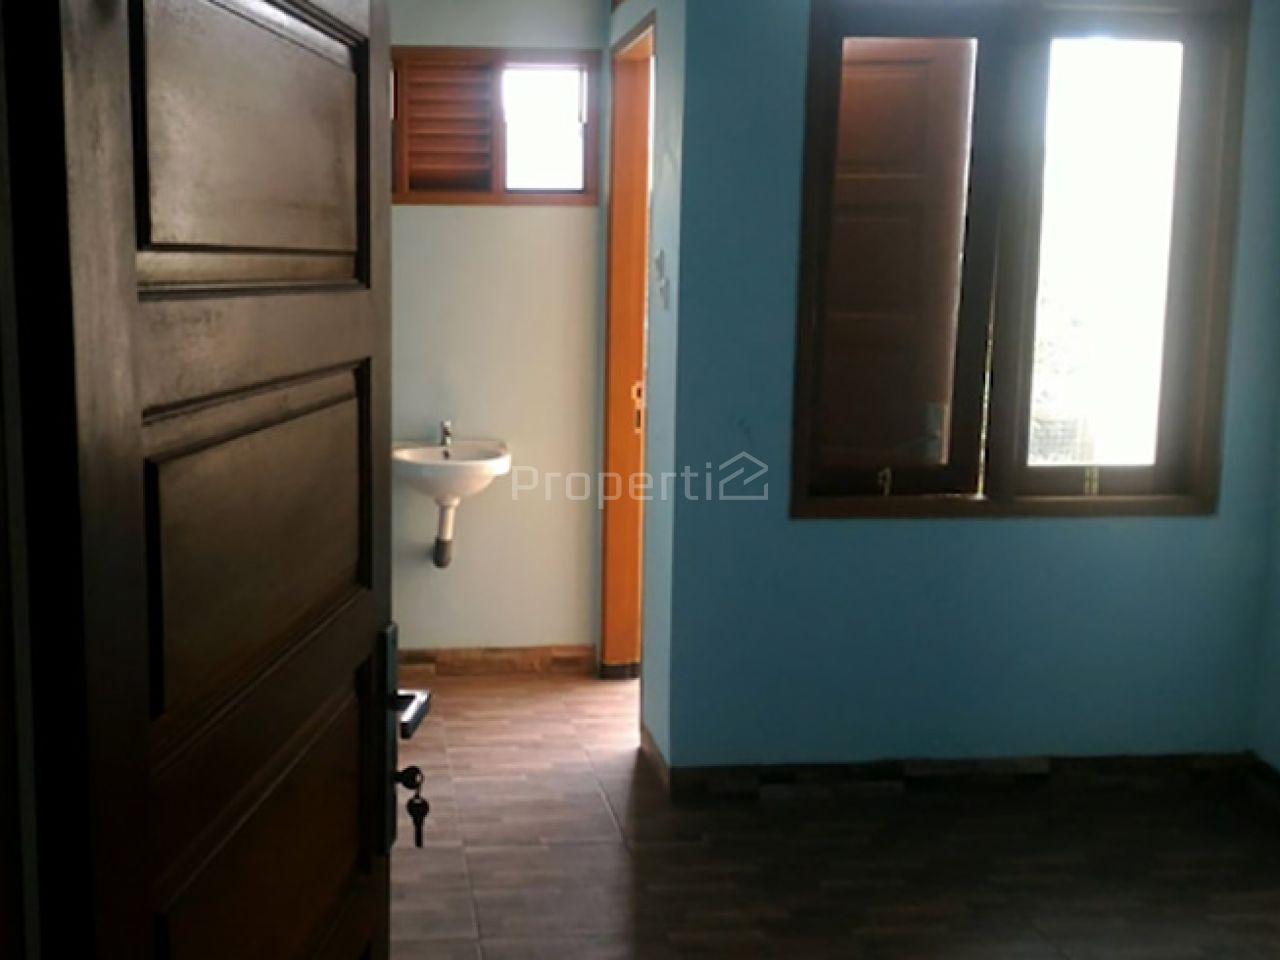 Rumah Baru Minimalis 2 Lantai Sekitar Tanjung Barat, Jakarta Selatan